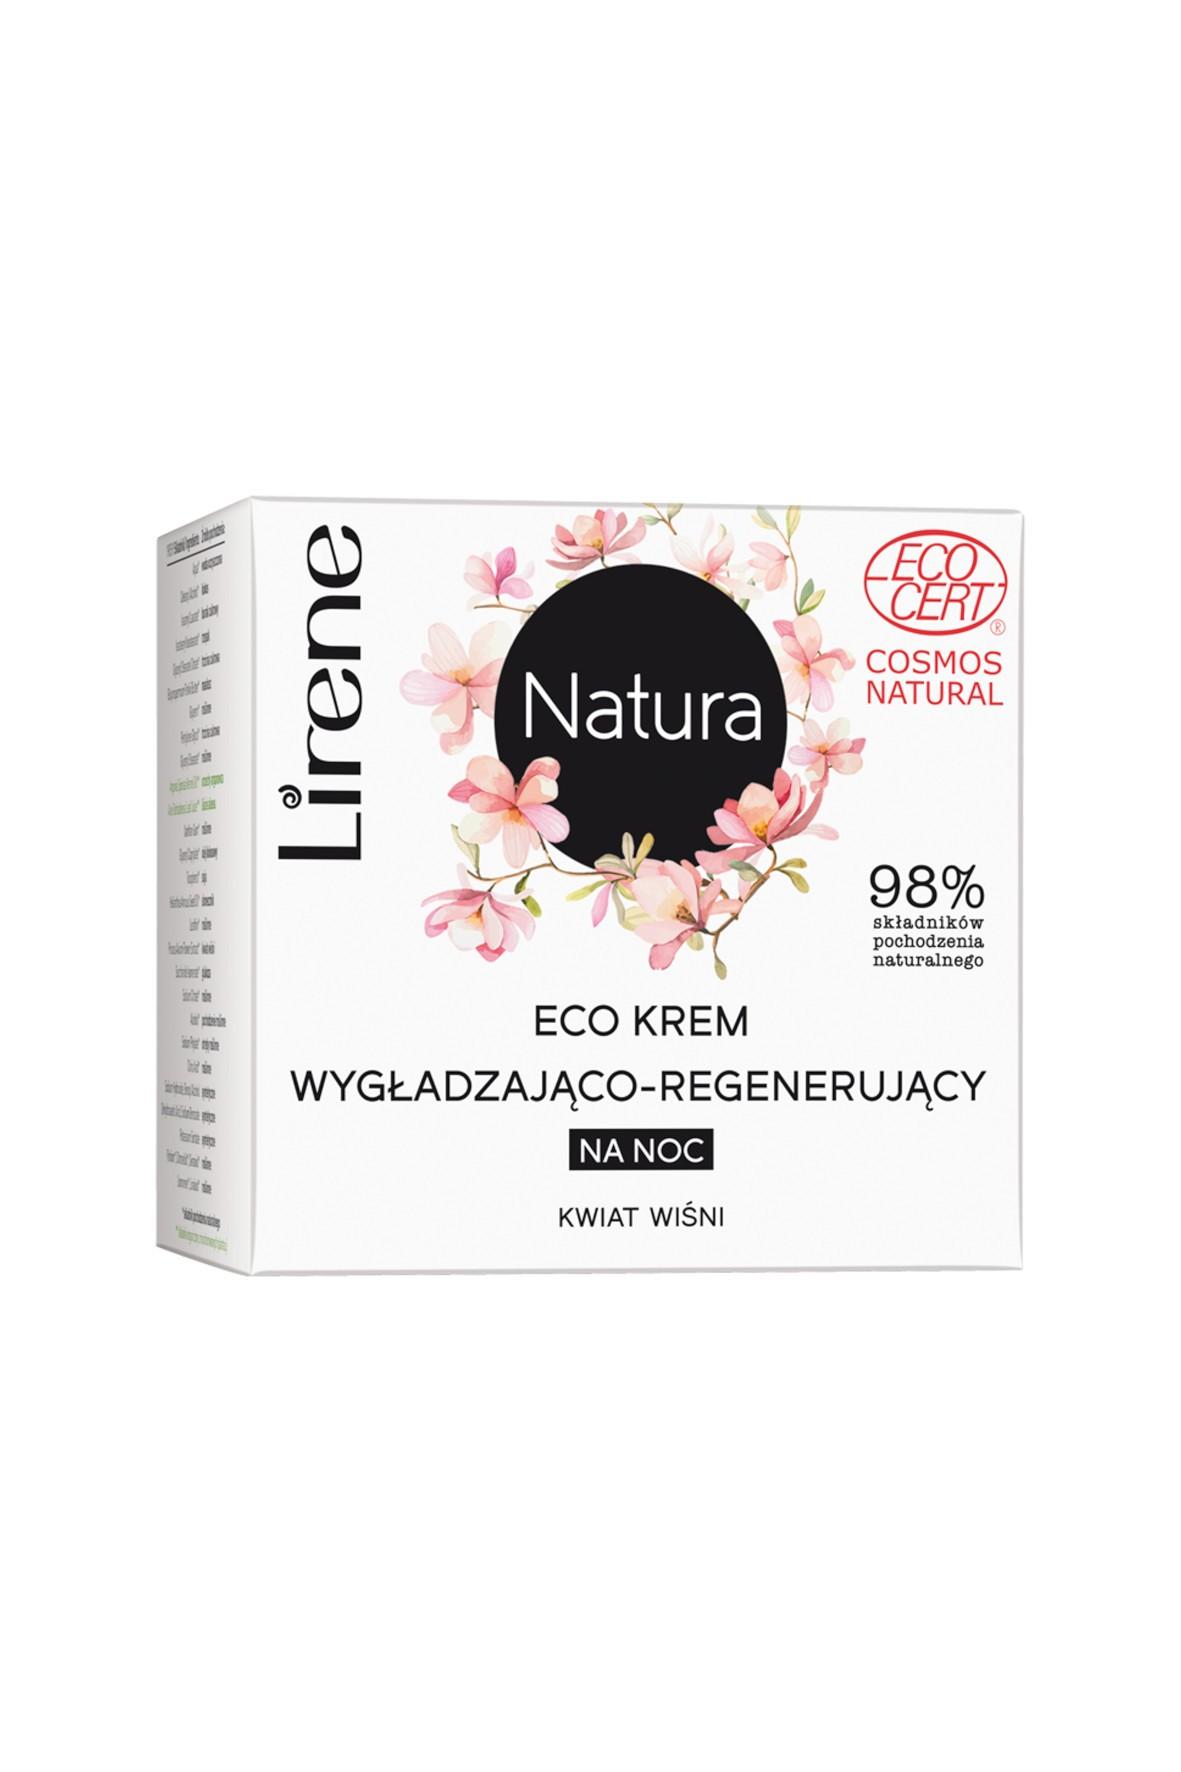 Lirene Natura Eco krem wygładzająco-regenerujący na noc kwiat wiśni 50 ml